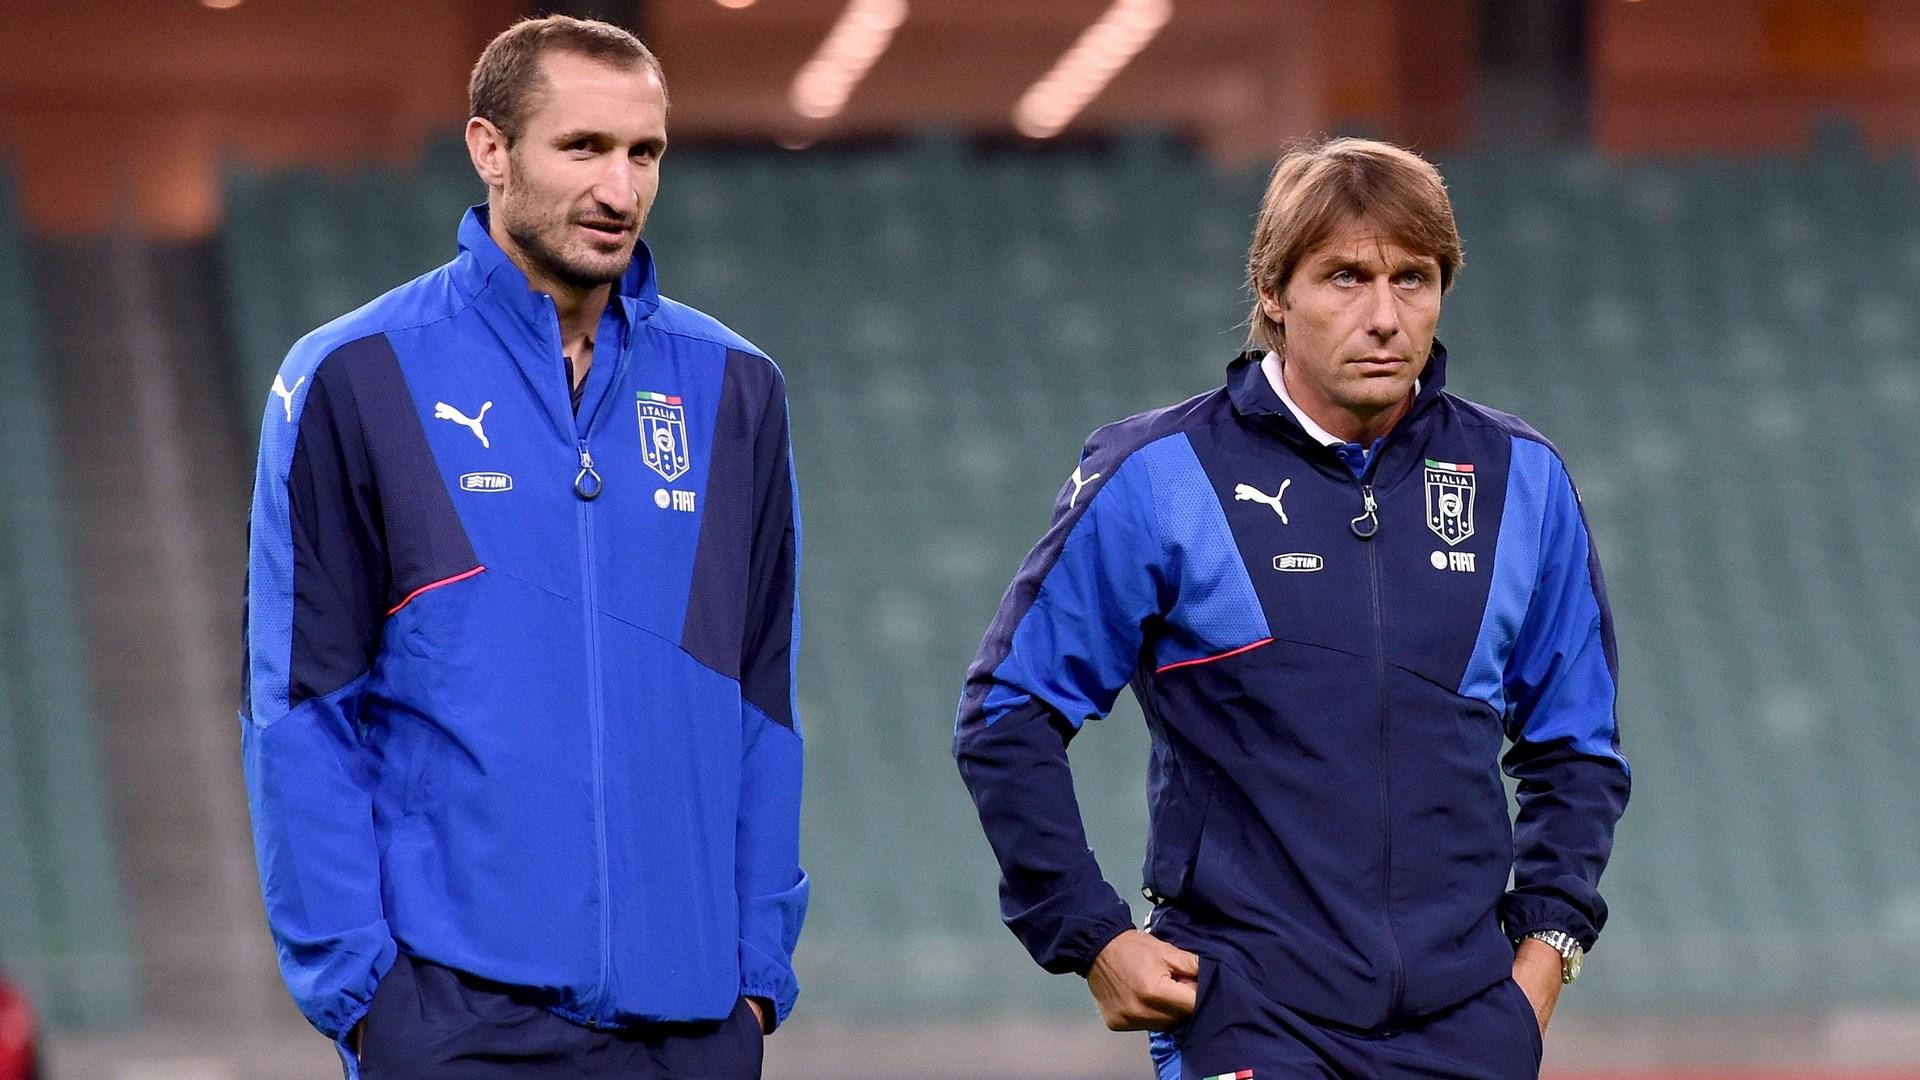 P.League - Giroud se montre, Chelsea se relance !